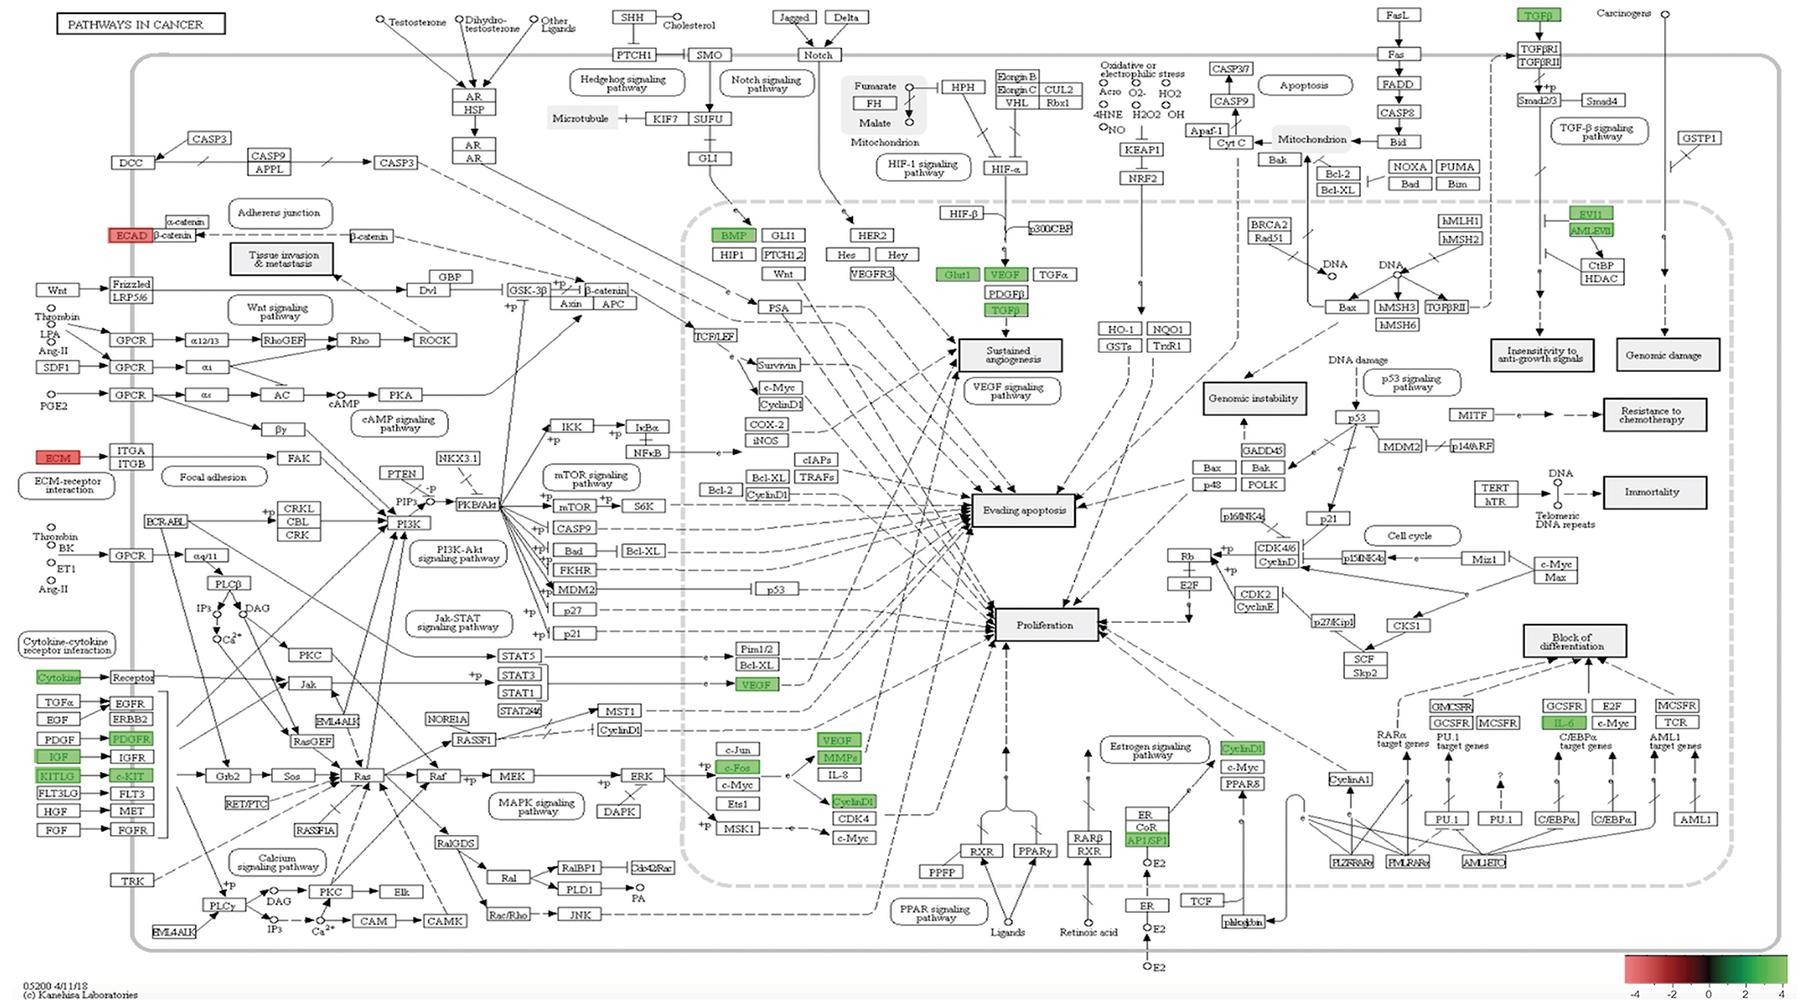 In-vivo 12-week KEGG pathway analysis.